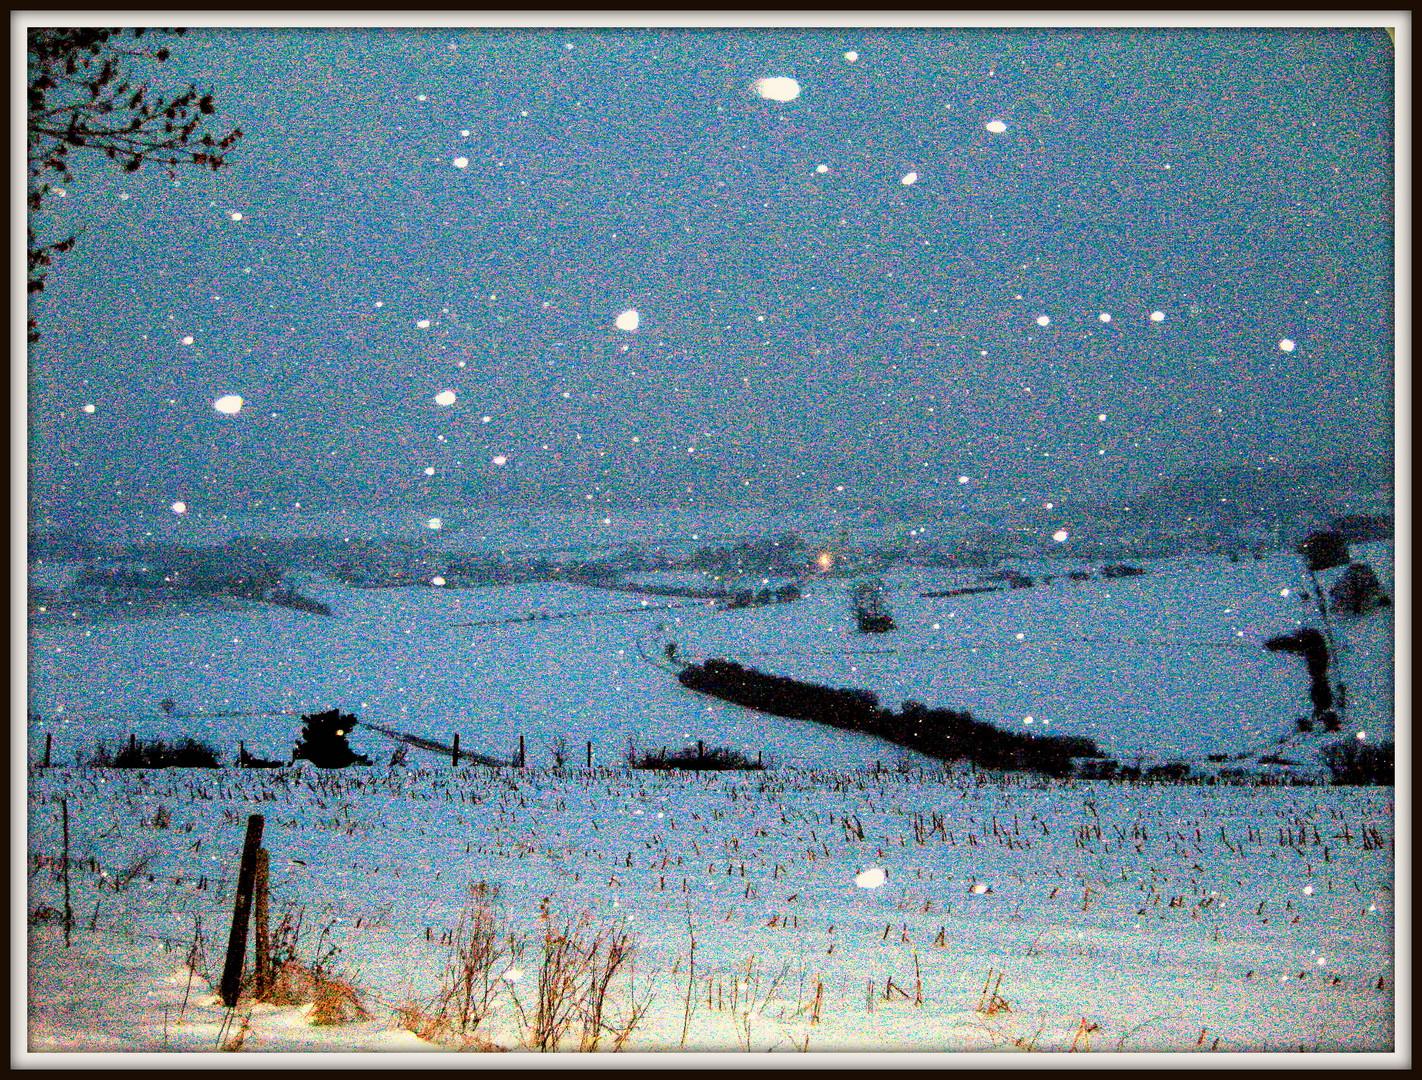 Land im Schnee weiß